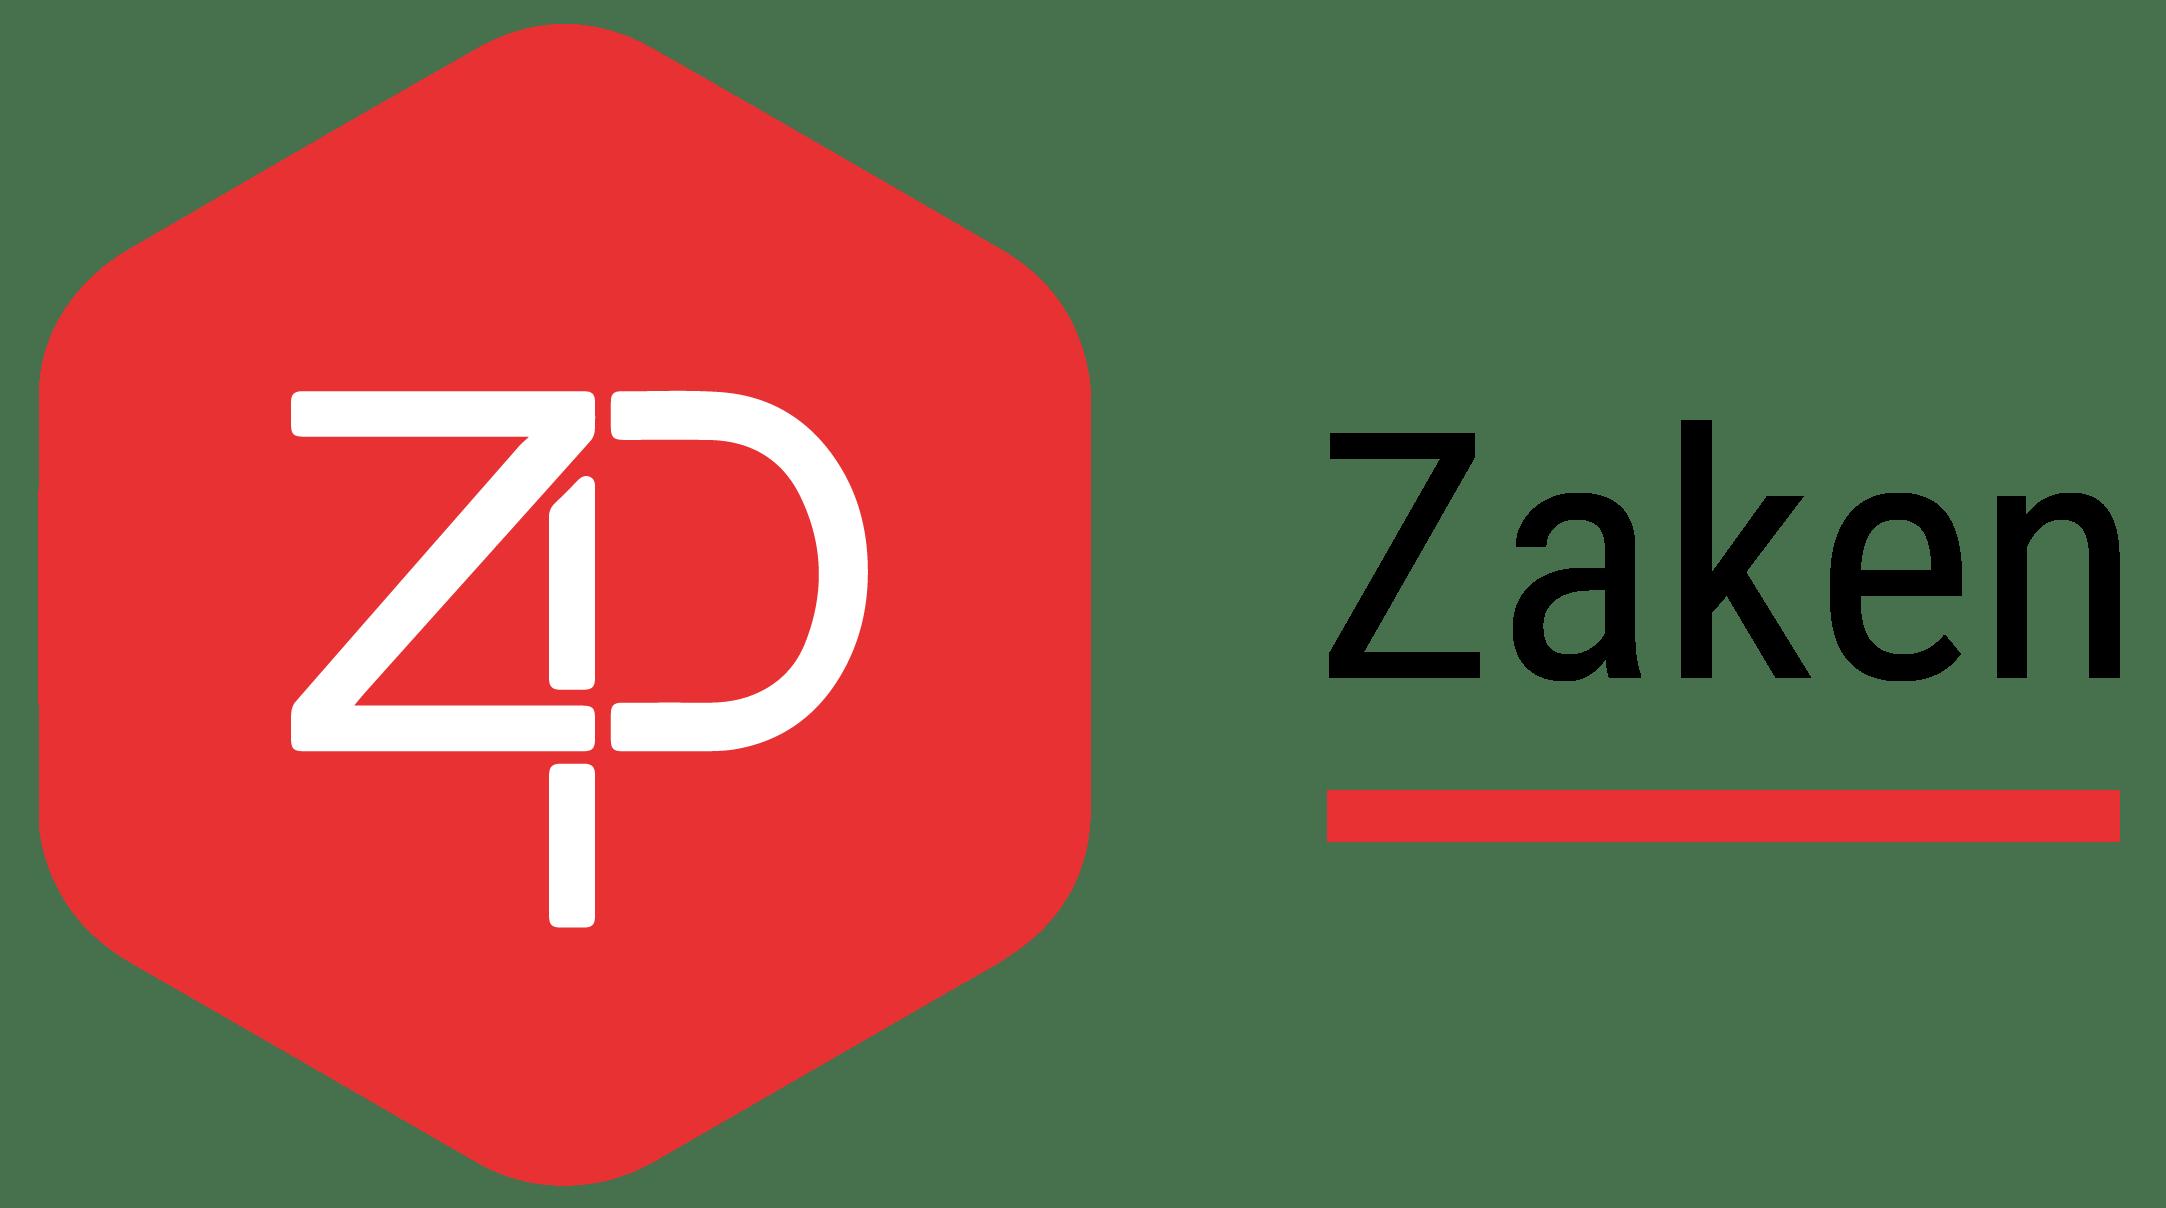 zp zaken logo